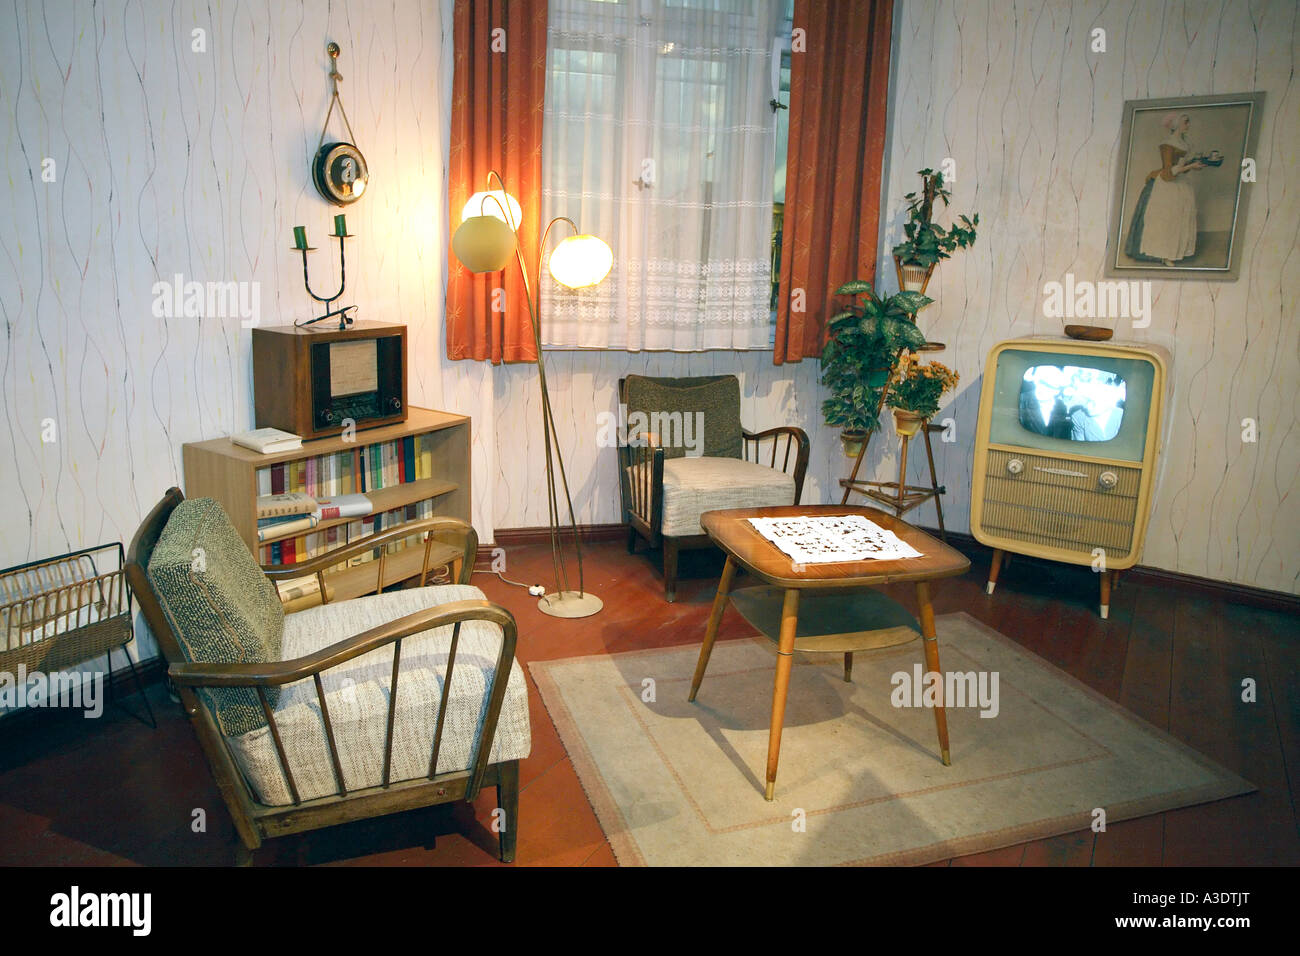 Reproduktion Eines Typisch Ost Deutsche Wohnzimmer Aus Den 50er